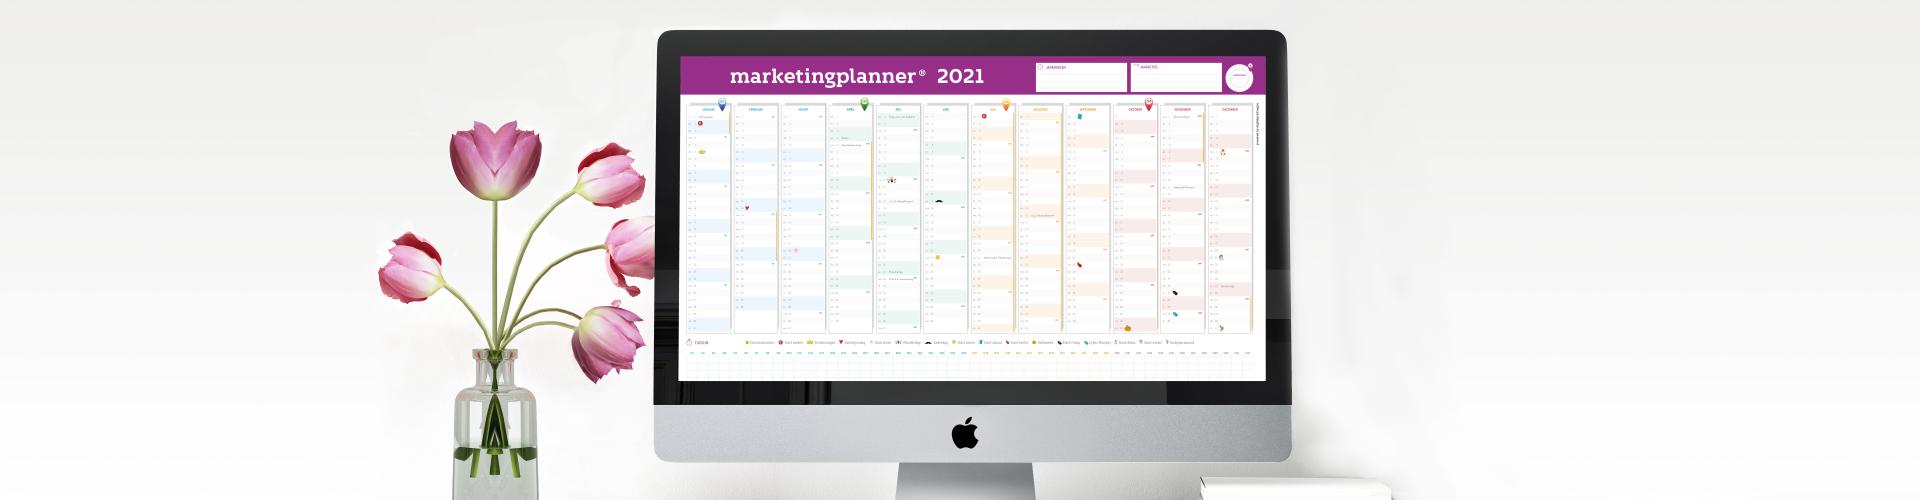 Gratis download marketingplanner 2021